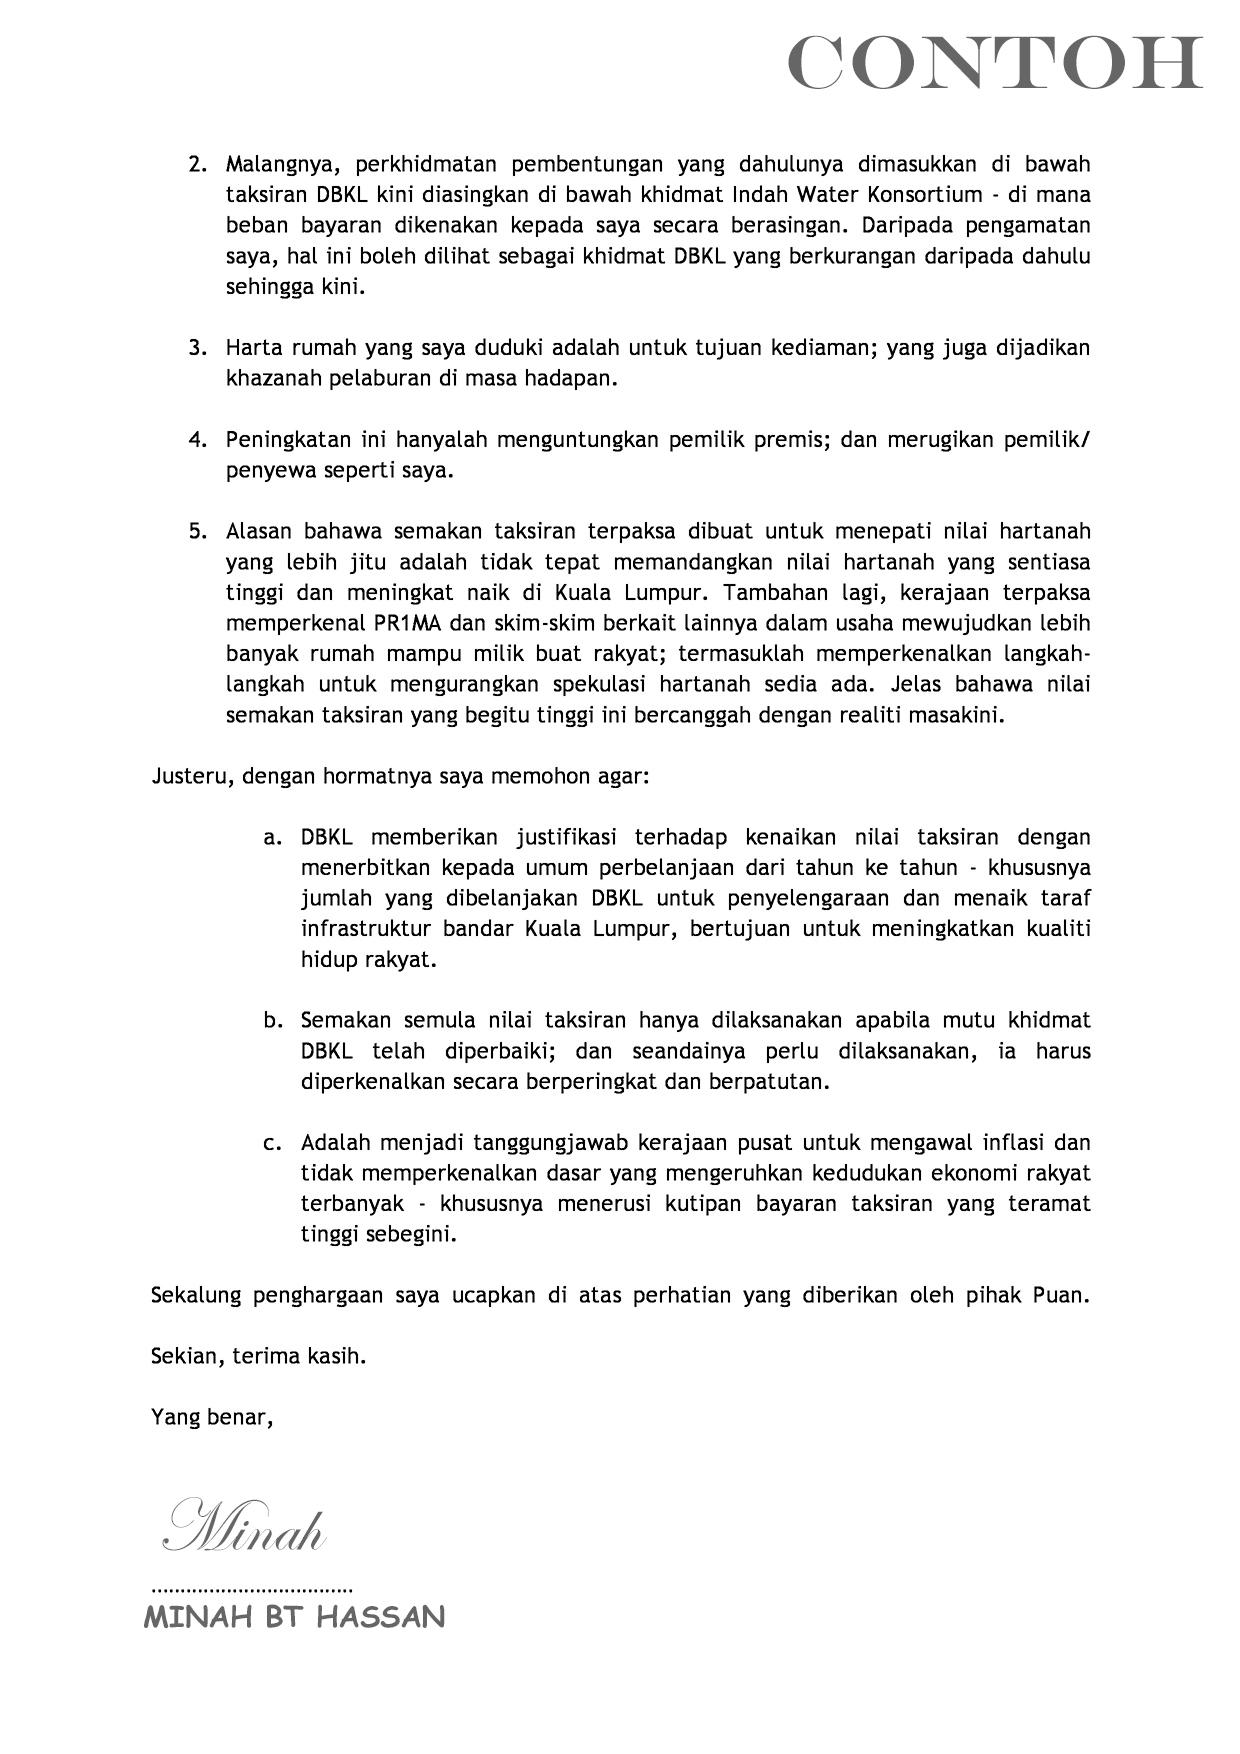 Contoh Surat Rayuan Pengurangan Bayaran Cukai Tanah